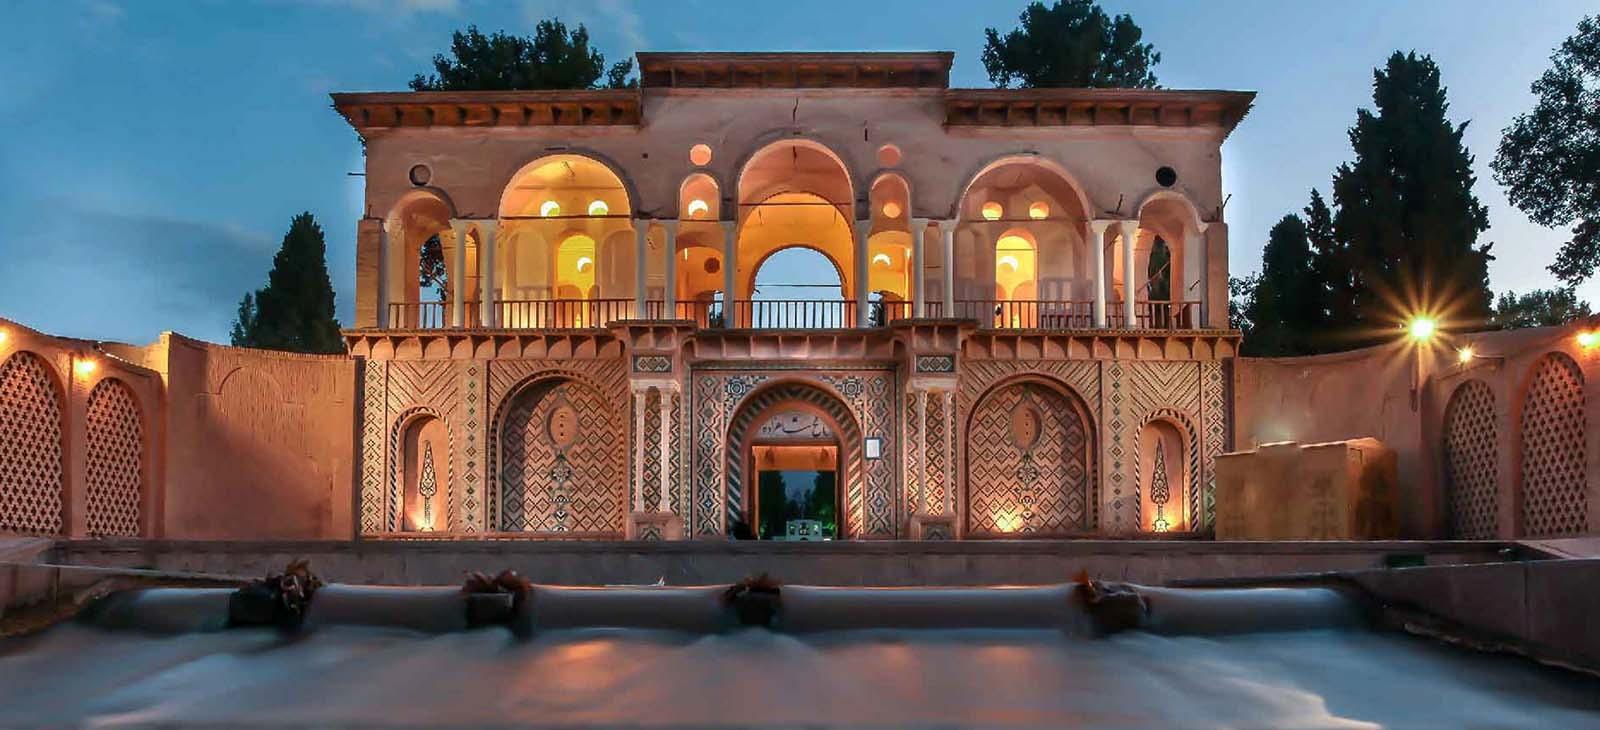 حديقة شاهزاده ماهان في محافظة كرمان الإيرانية